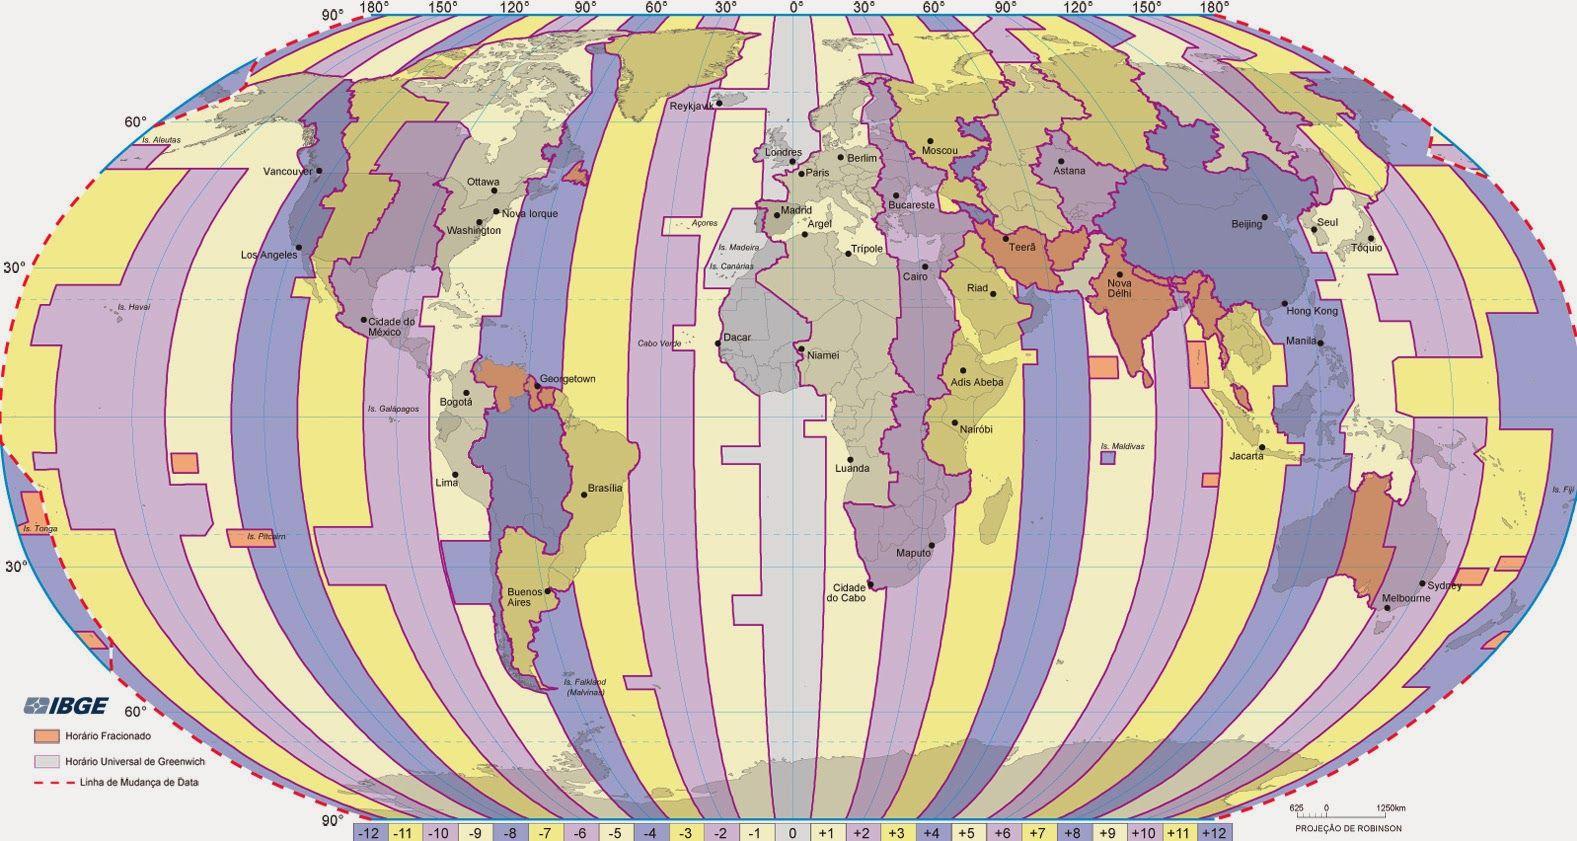 Fuso horário: Mapa e conceito em geografia